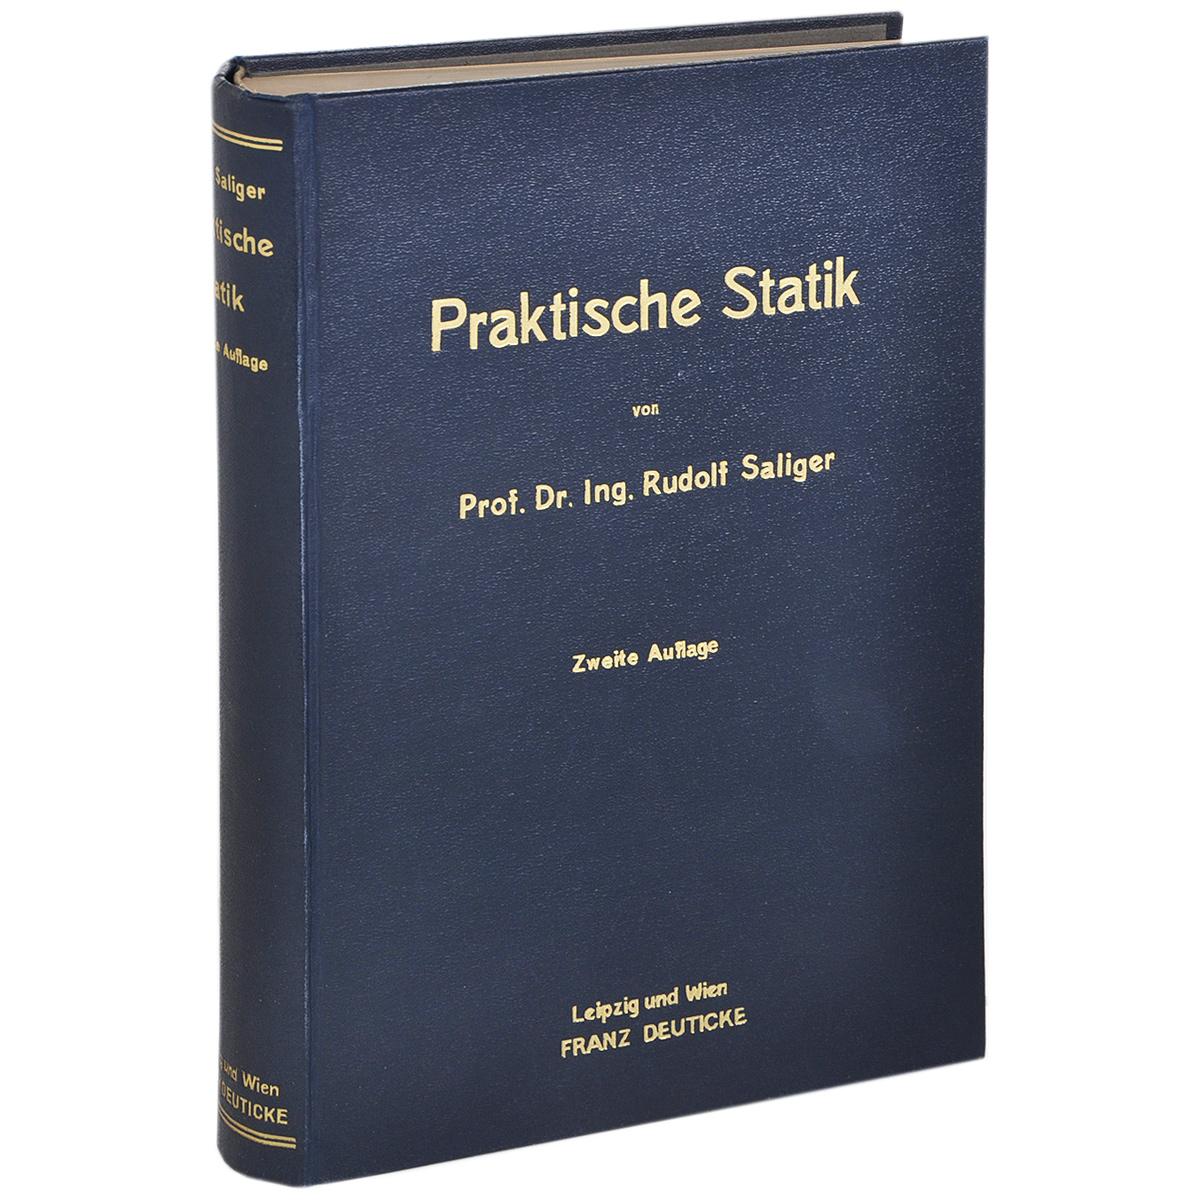 Praktische Statik